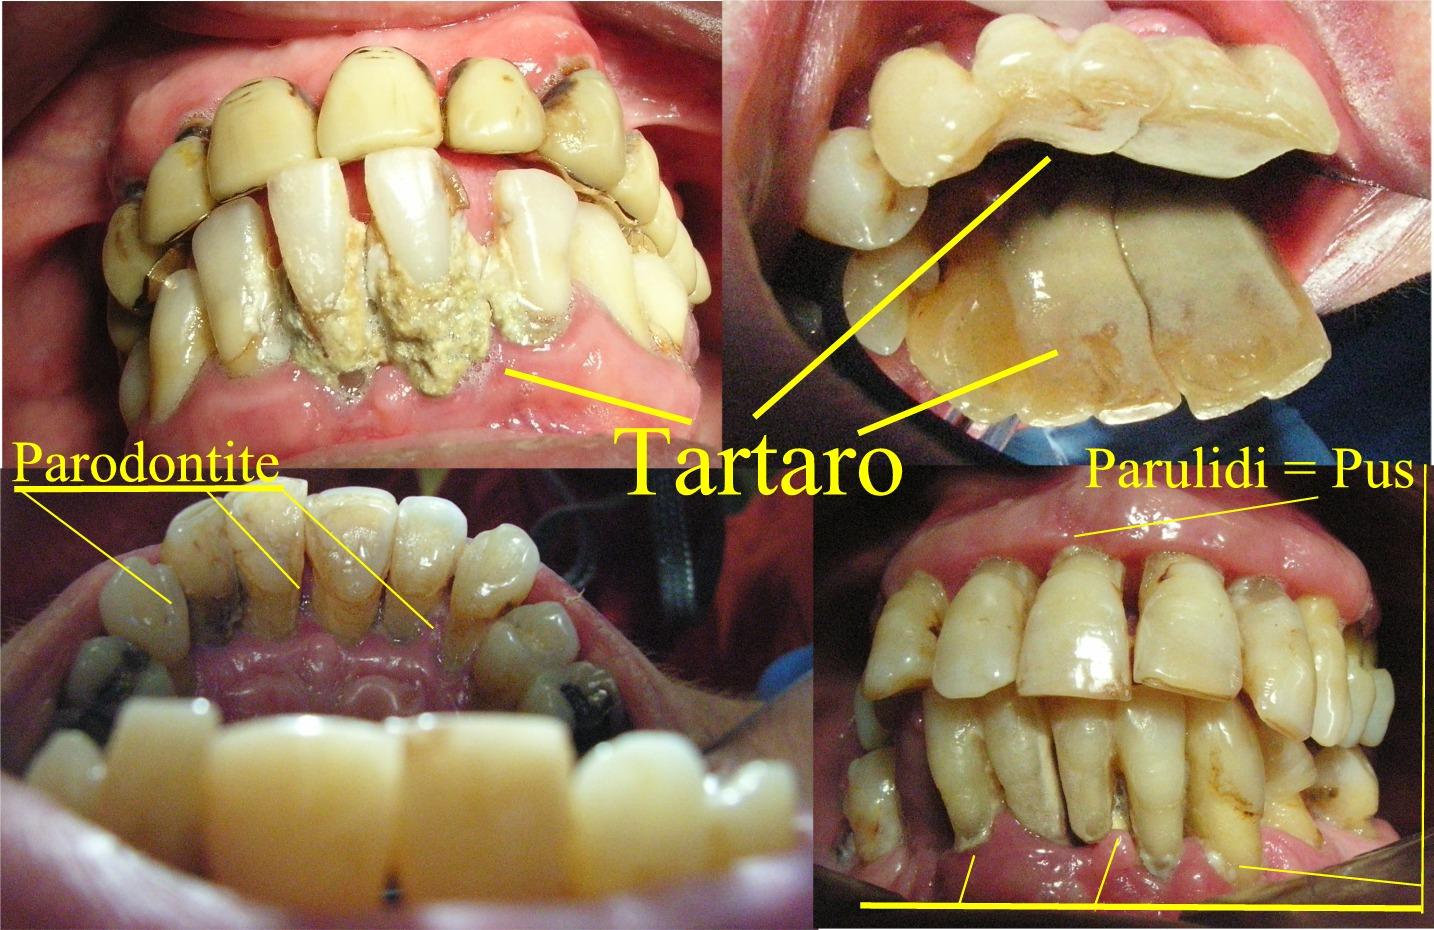 Tartaro in grande quantità con parodontiti gravi. Da casistica Dr. Gustavo Petti di Cagliari